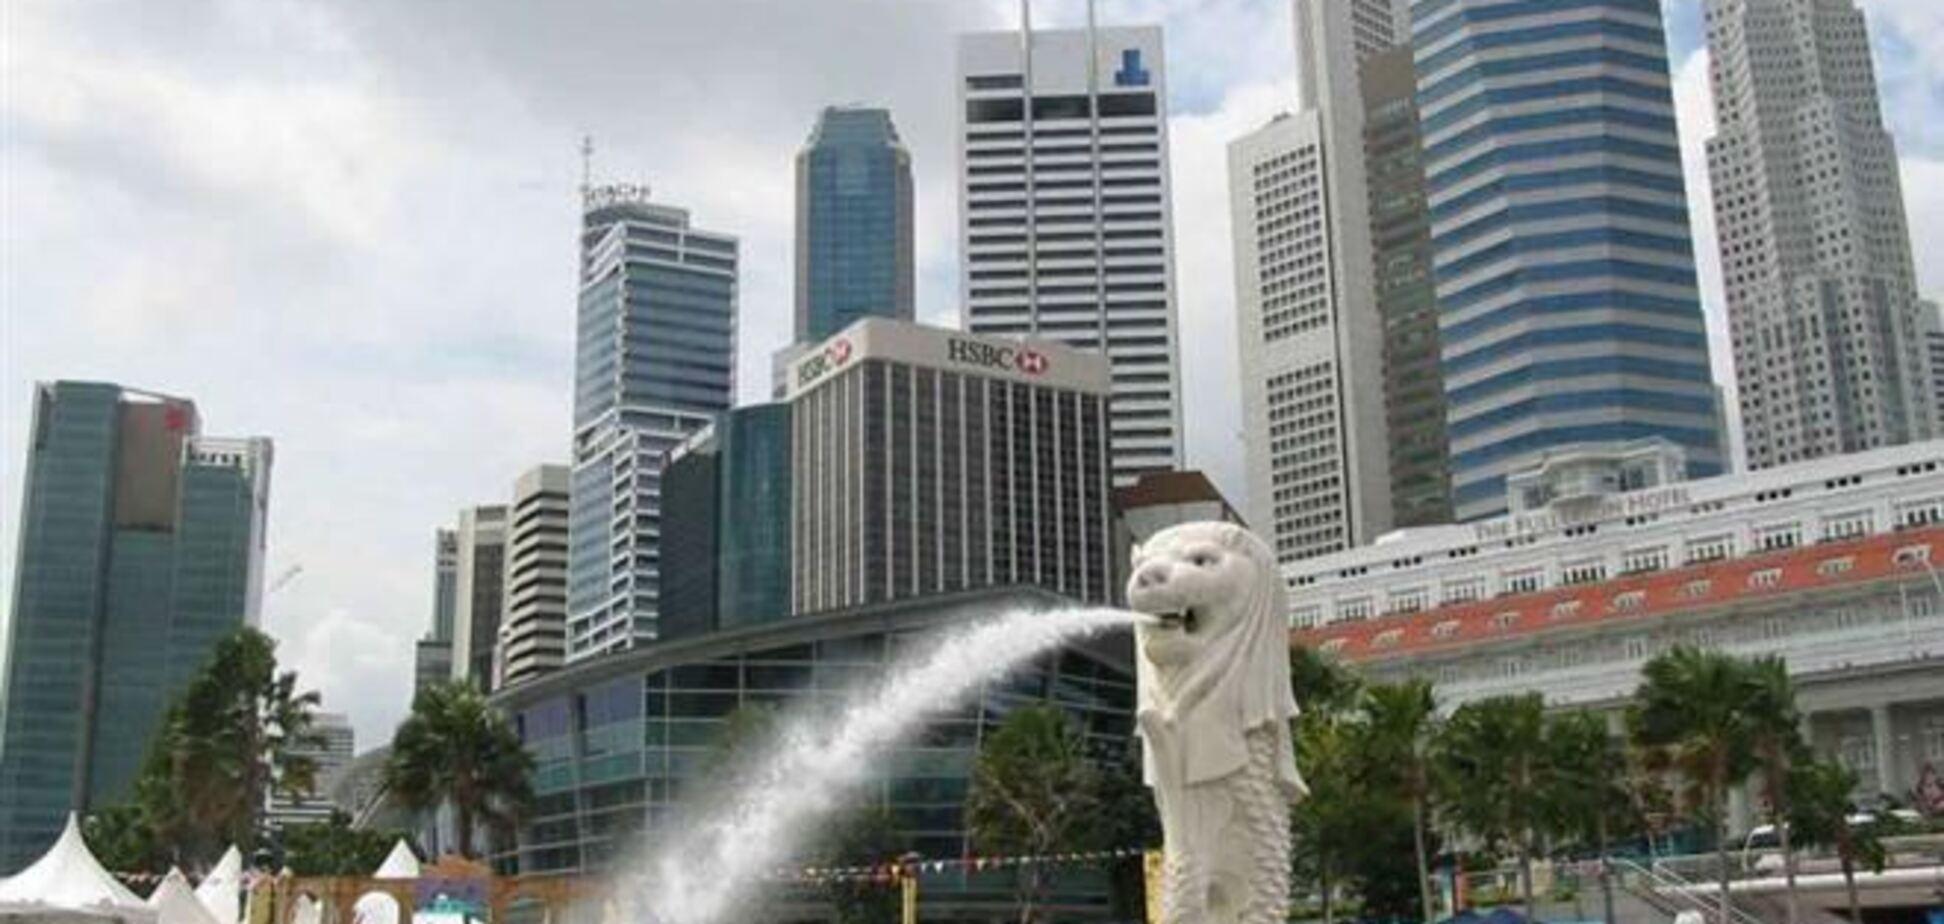 Сокращение сроков погашения кредитов охладило рост цен на жилье в Сингапуре